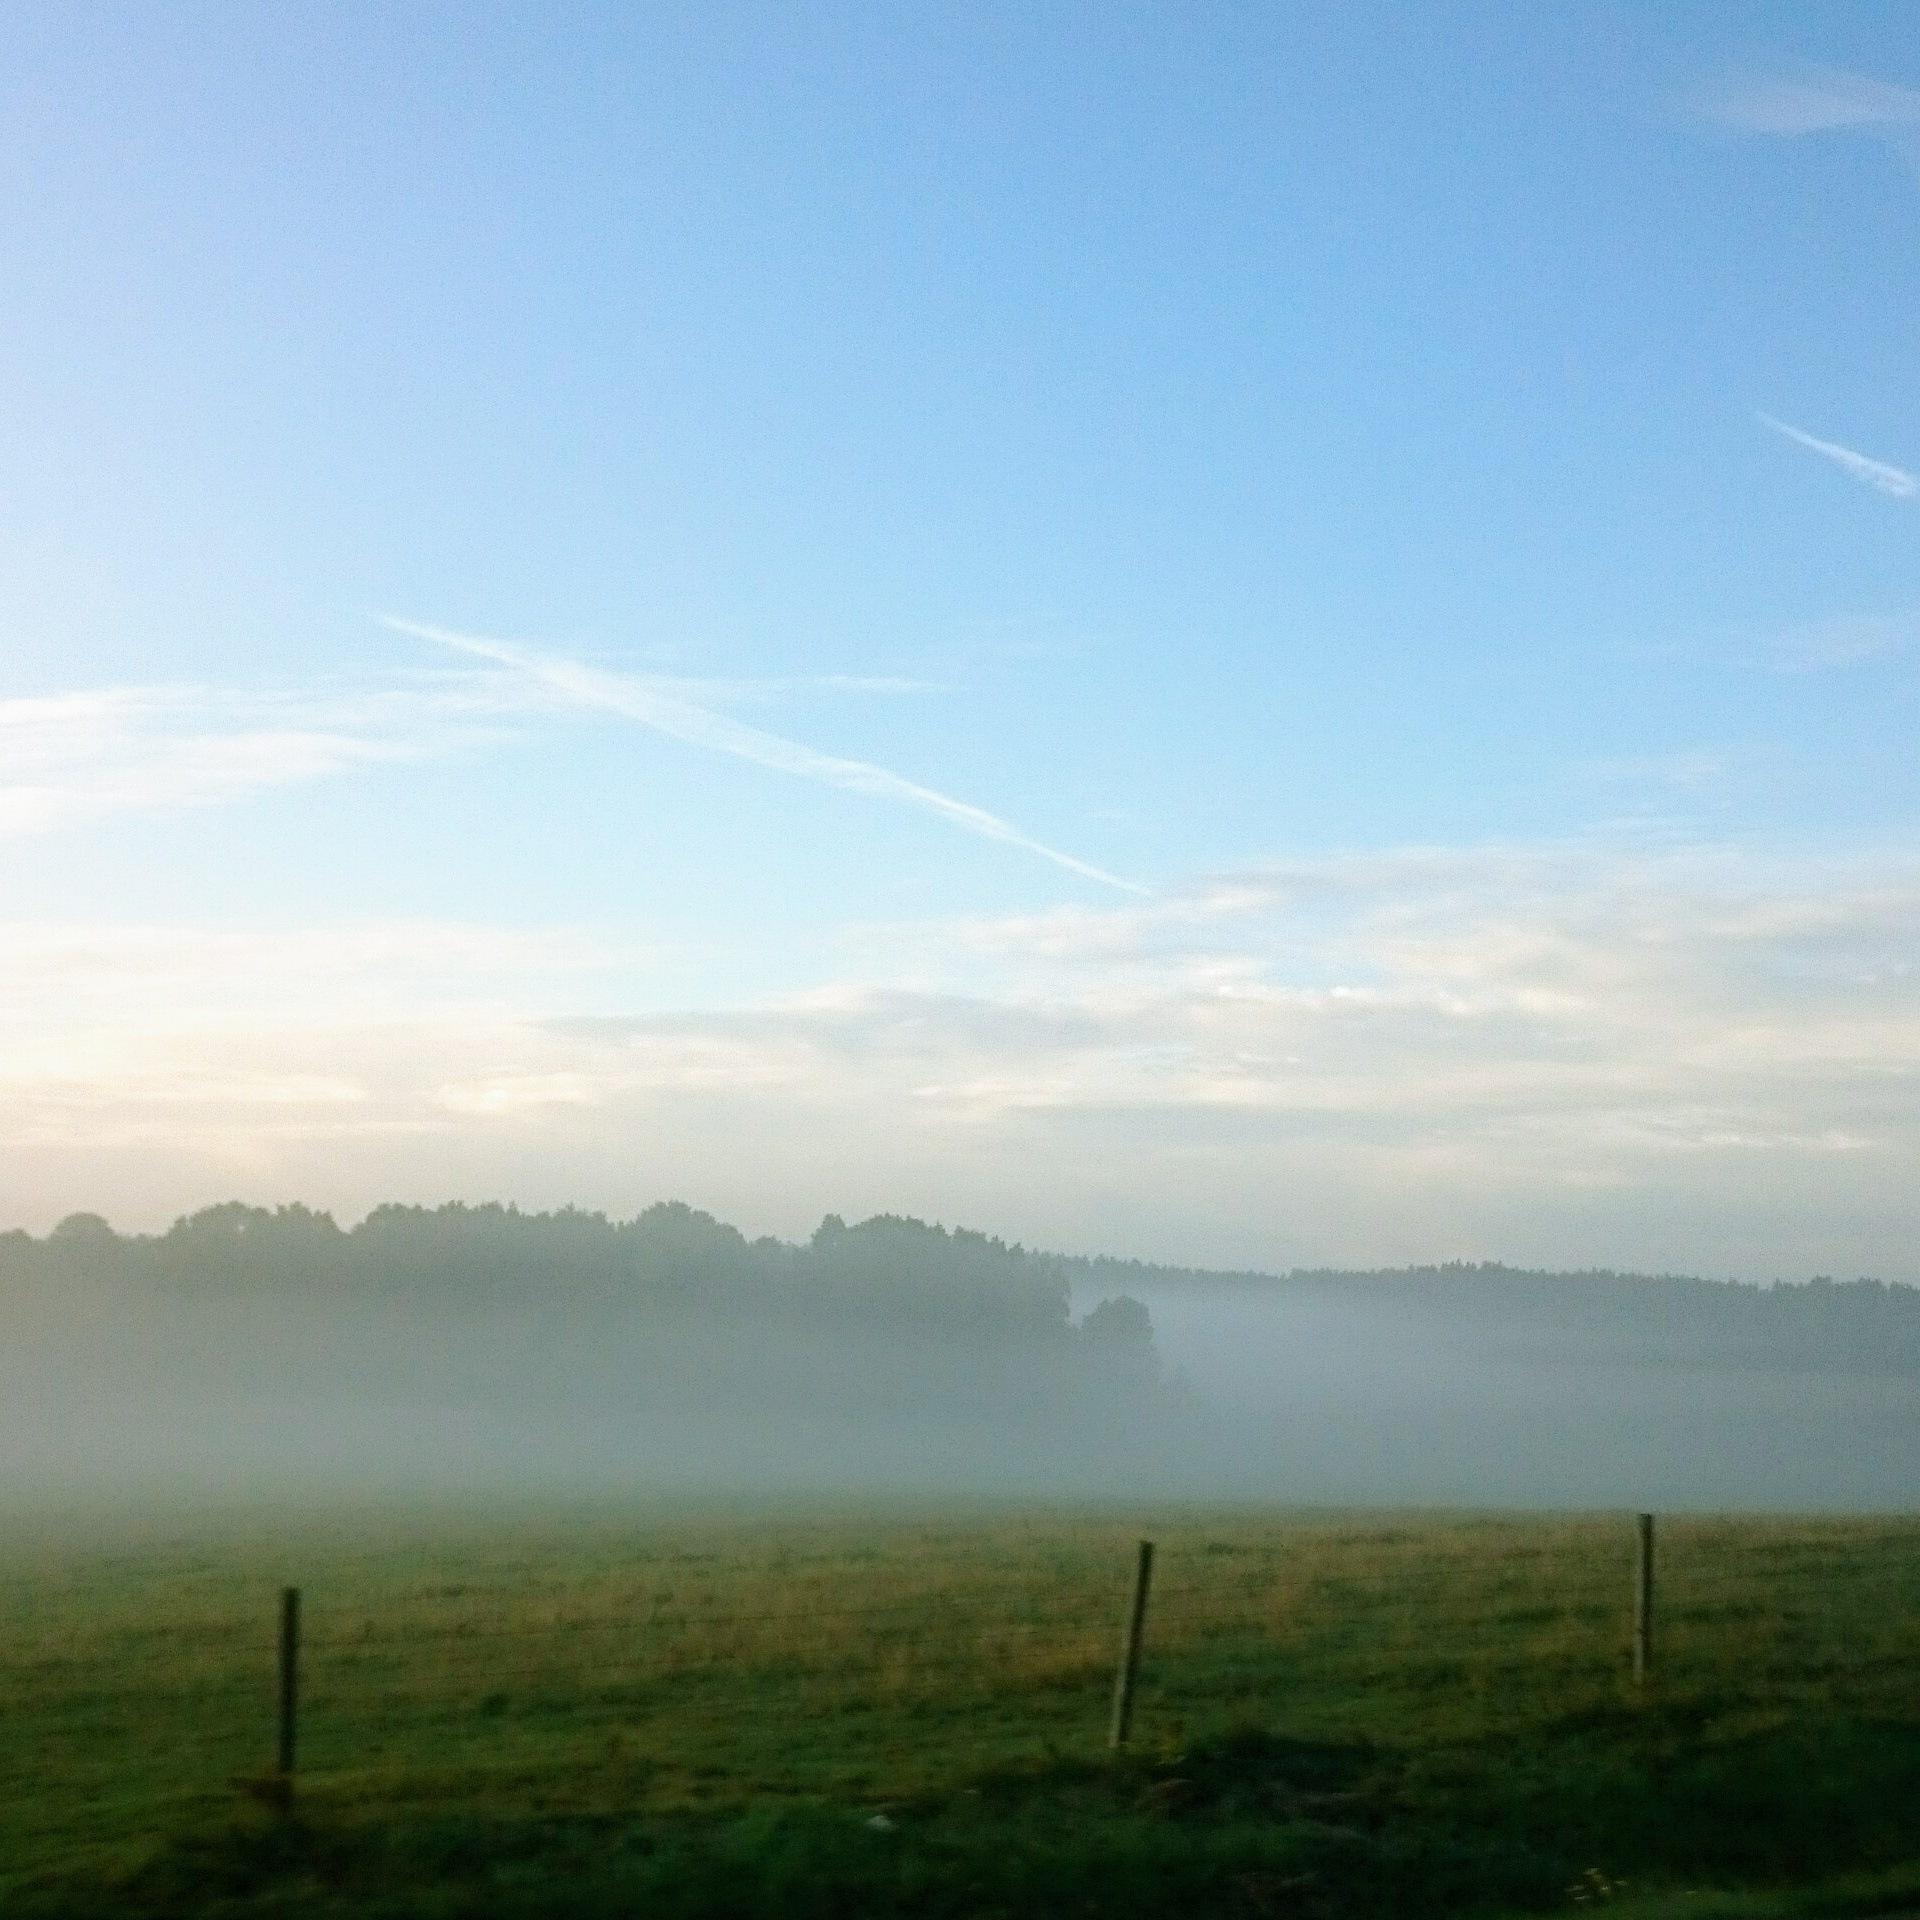 Morning fog by lillemor.ekstrom ek